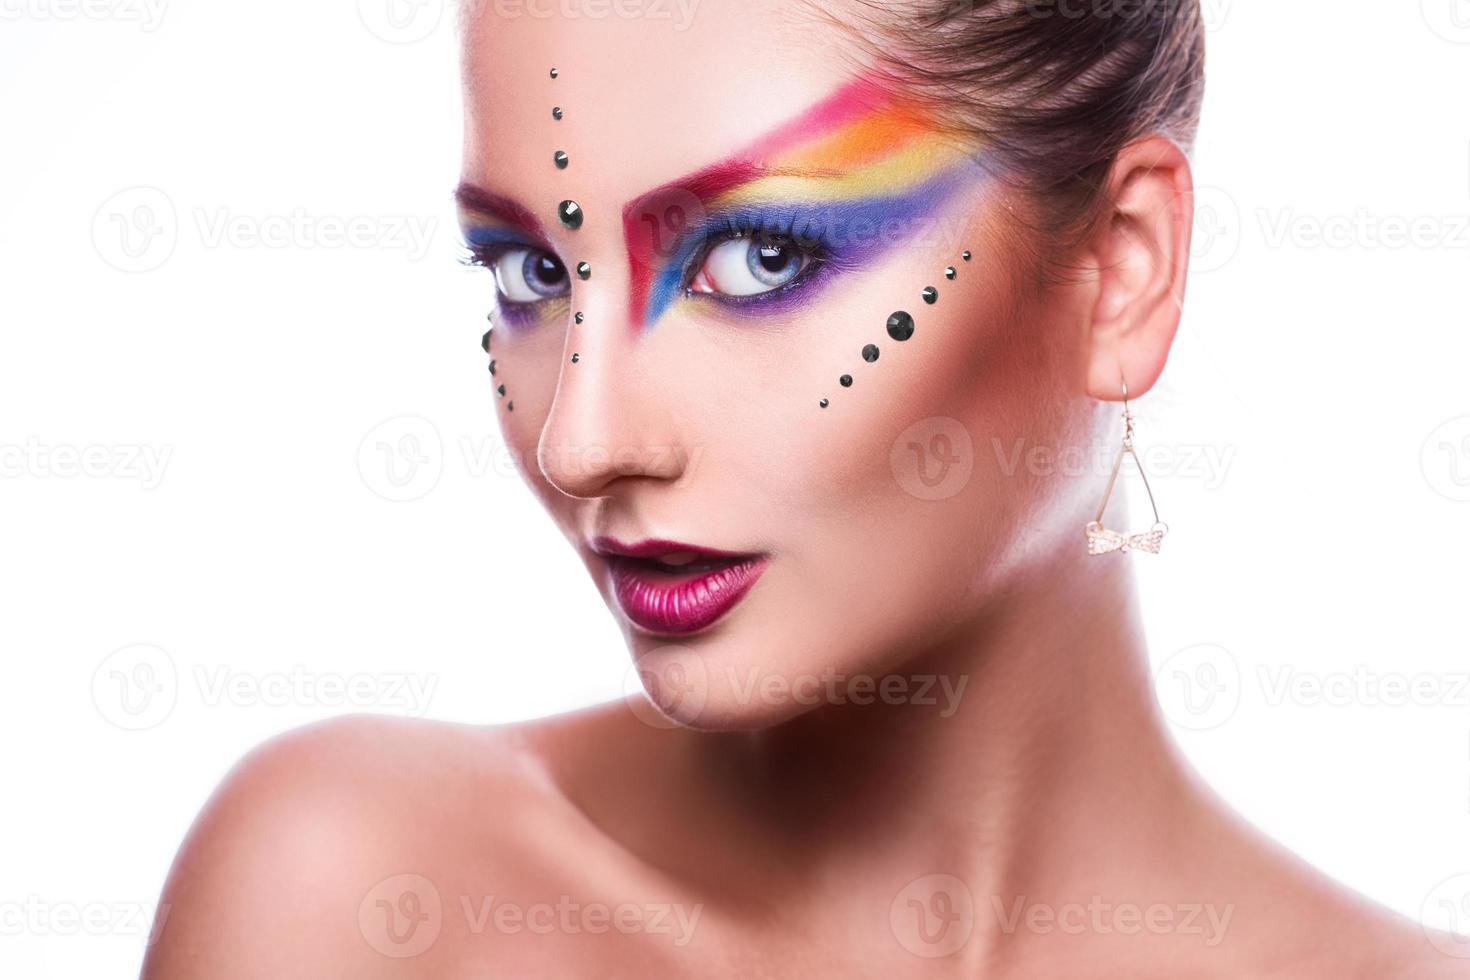 isolé sur fond blanc jolie femme avec du maquillage coloré photo